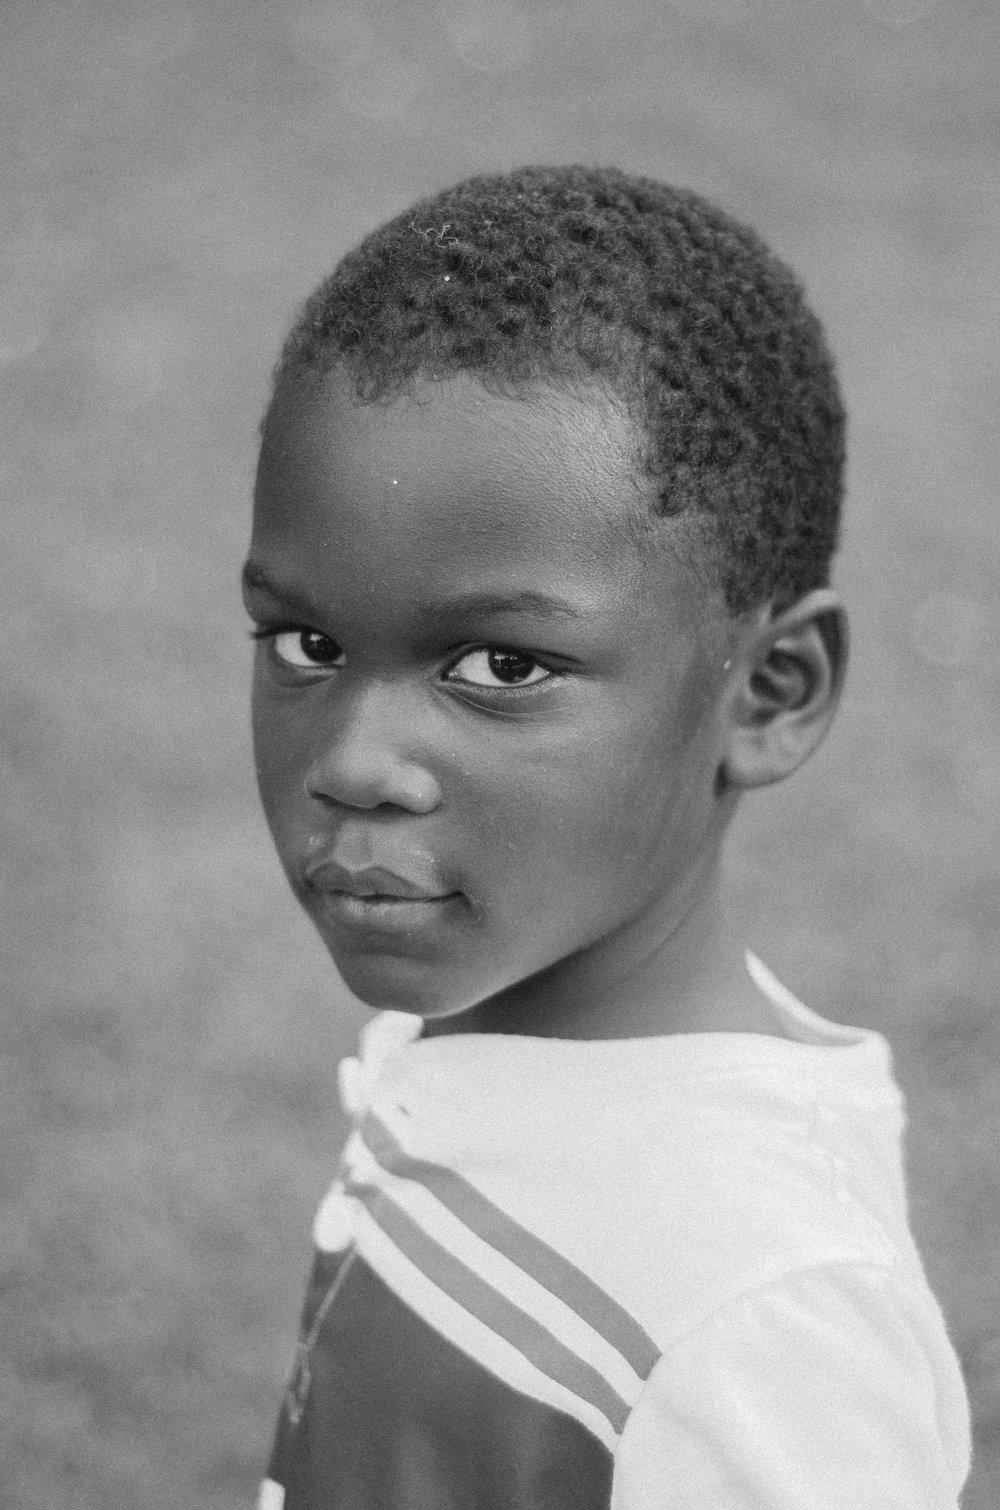 Black boy images 45